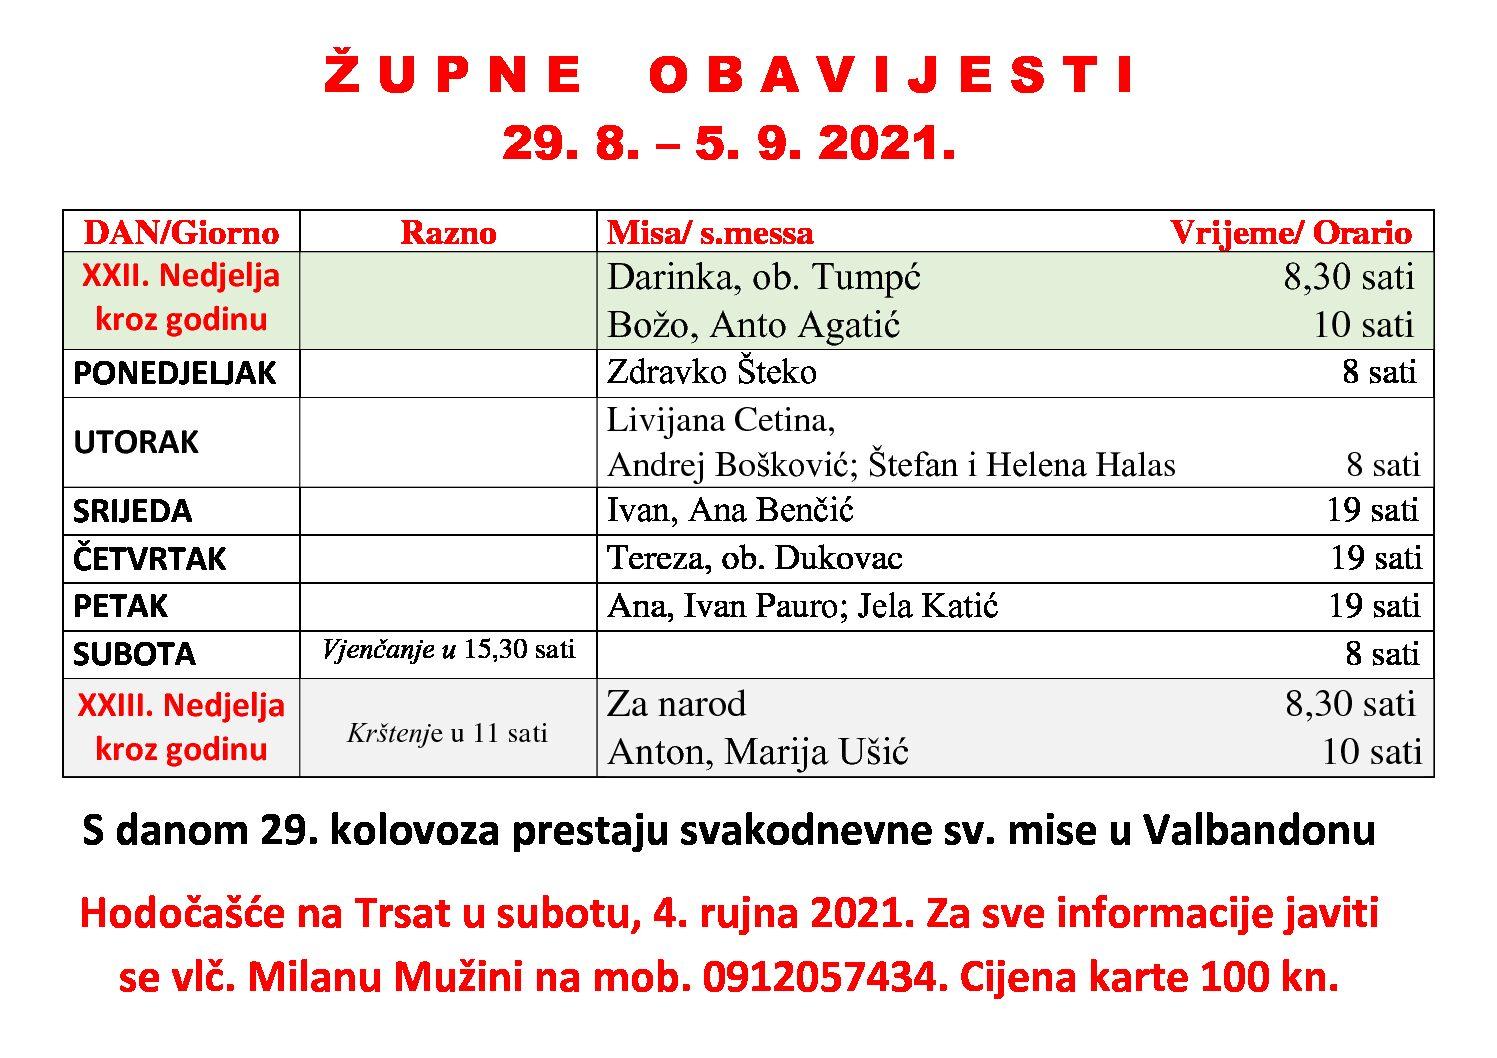 Župne obavijesti 29. 8. – 5. 9. 2021.